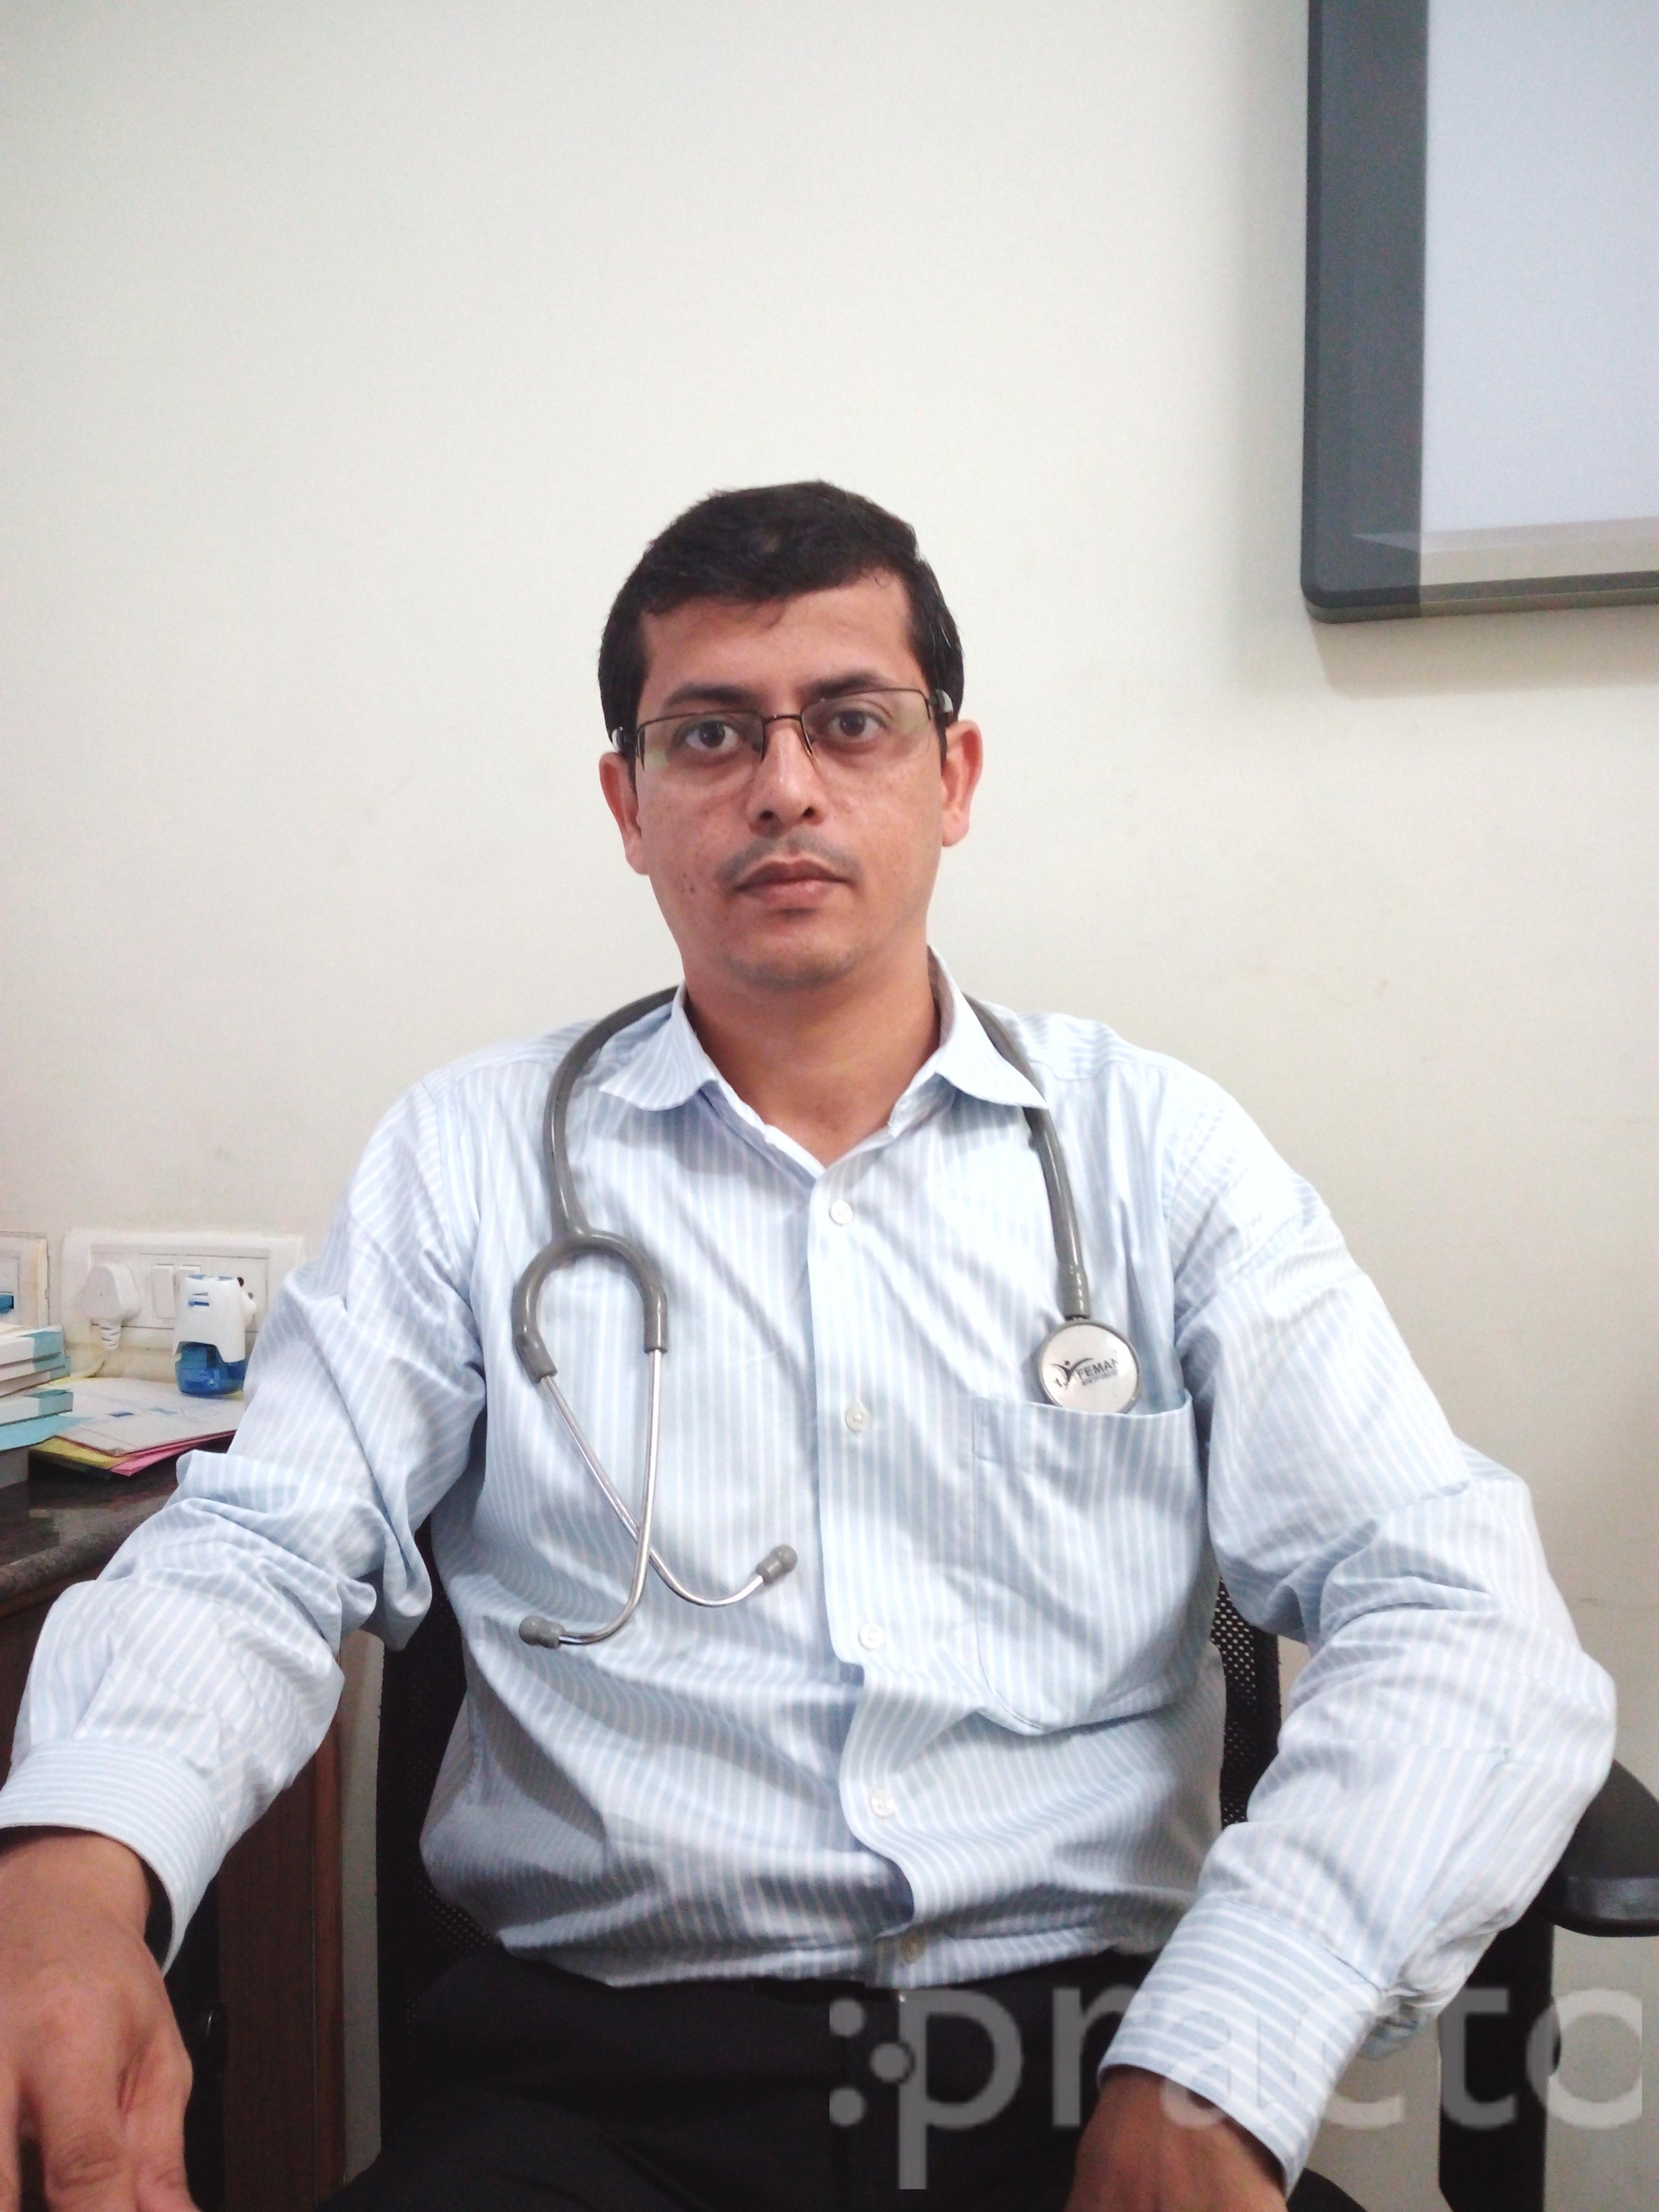 Dr. Girish Gadre - Neurologist